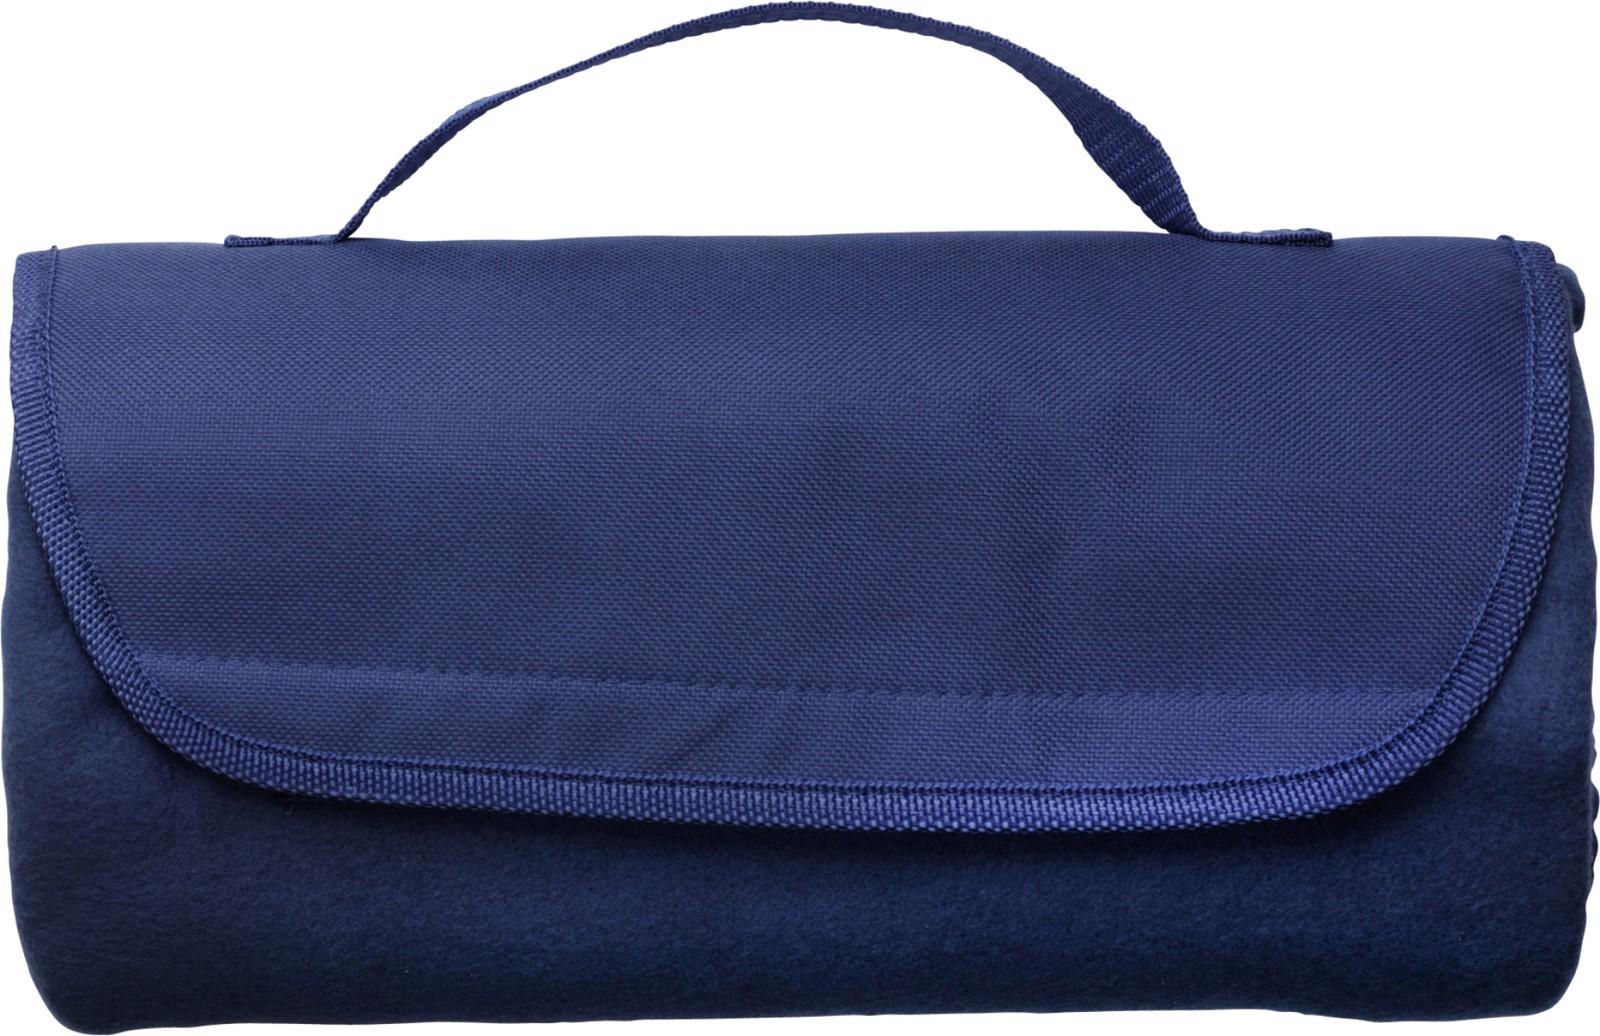 Fleece (165 g/m²) travel blanket - Blue